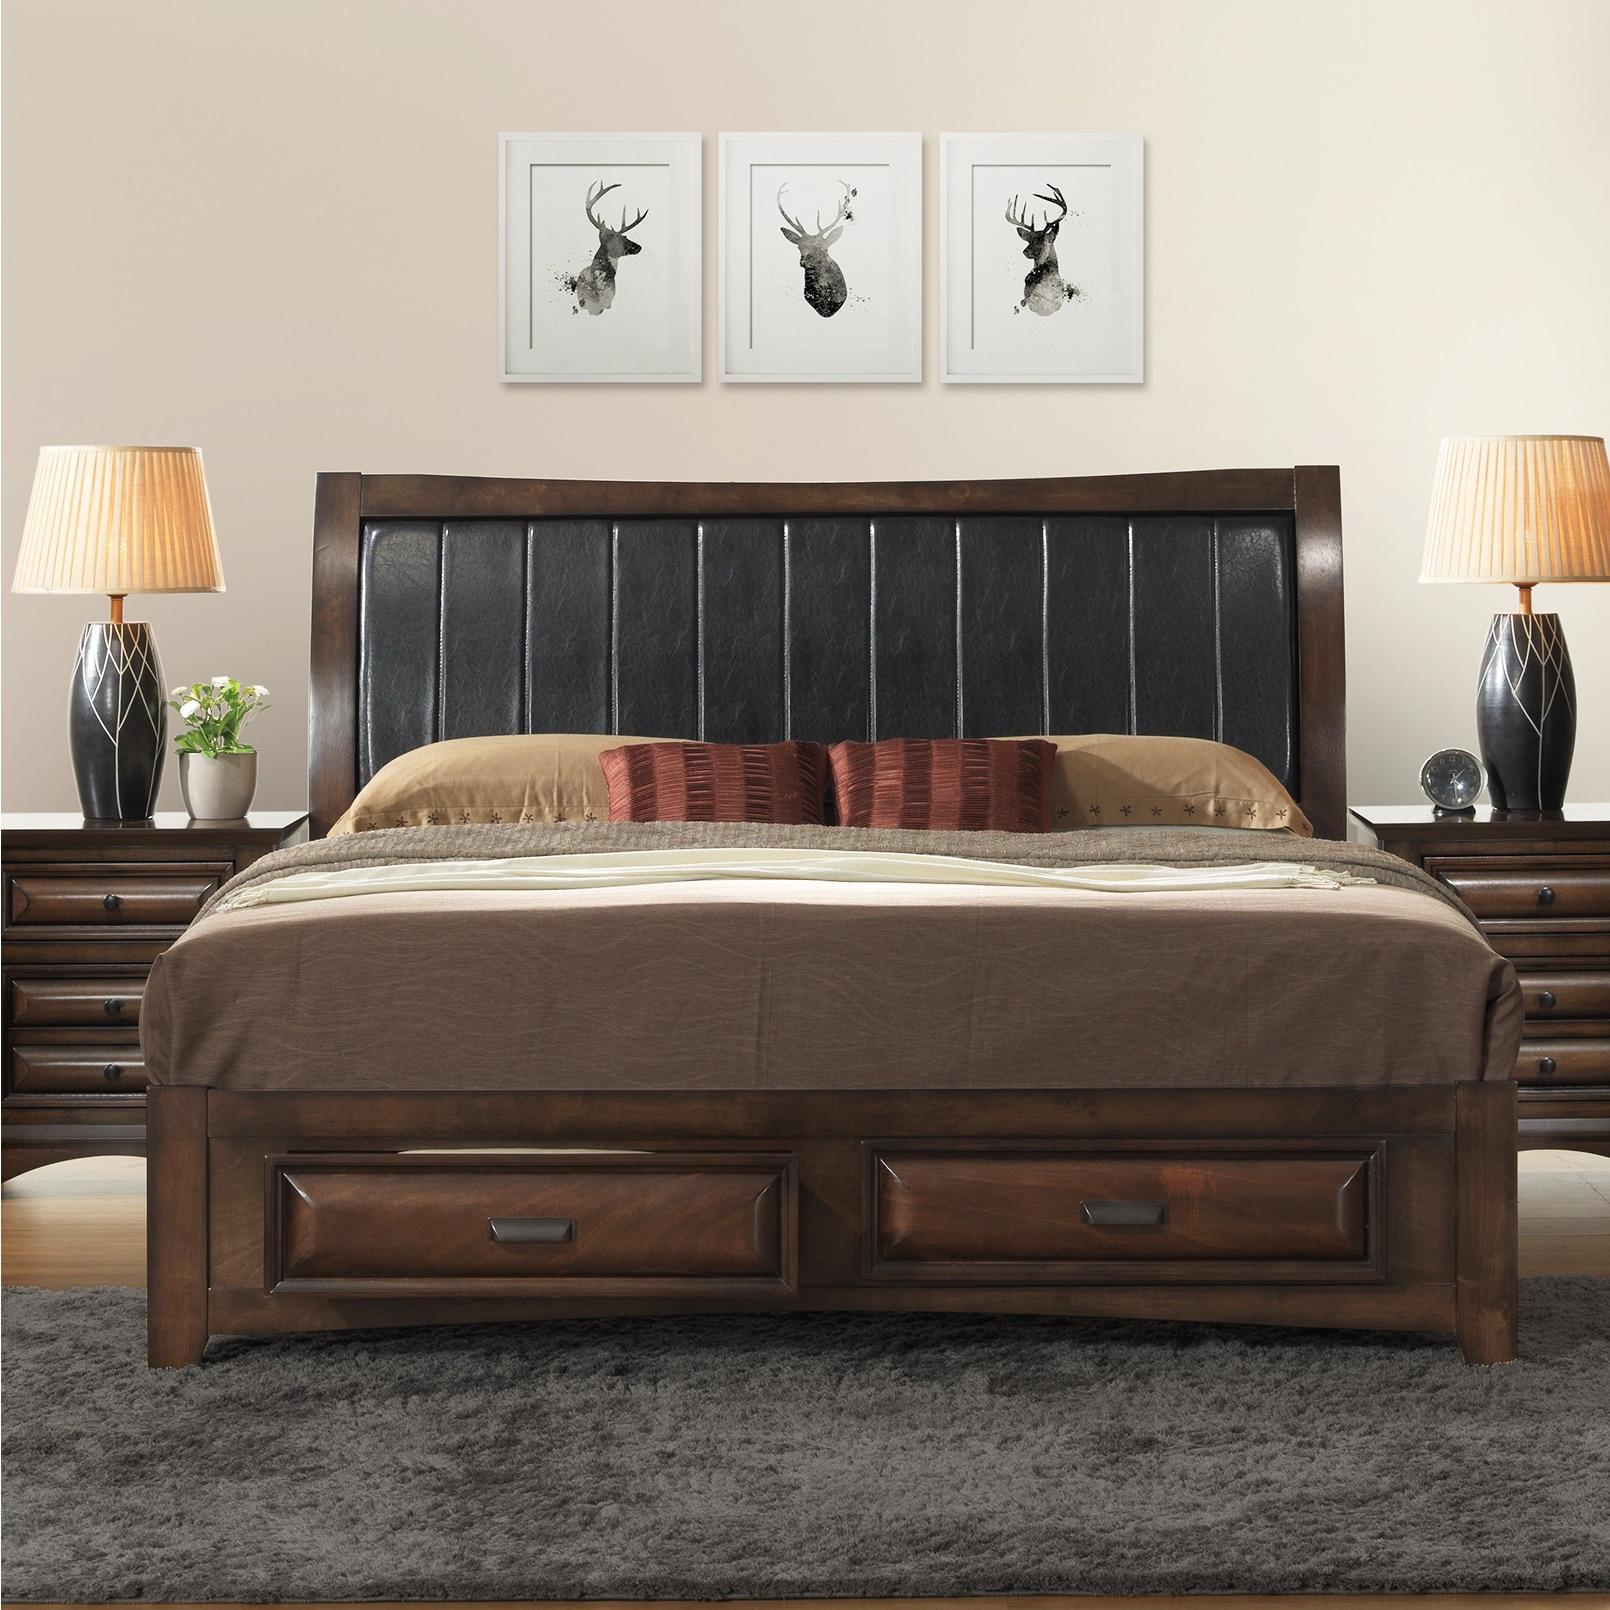 Shop Broval Light Espresso Wood King Size Storage Platform Bed